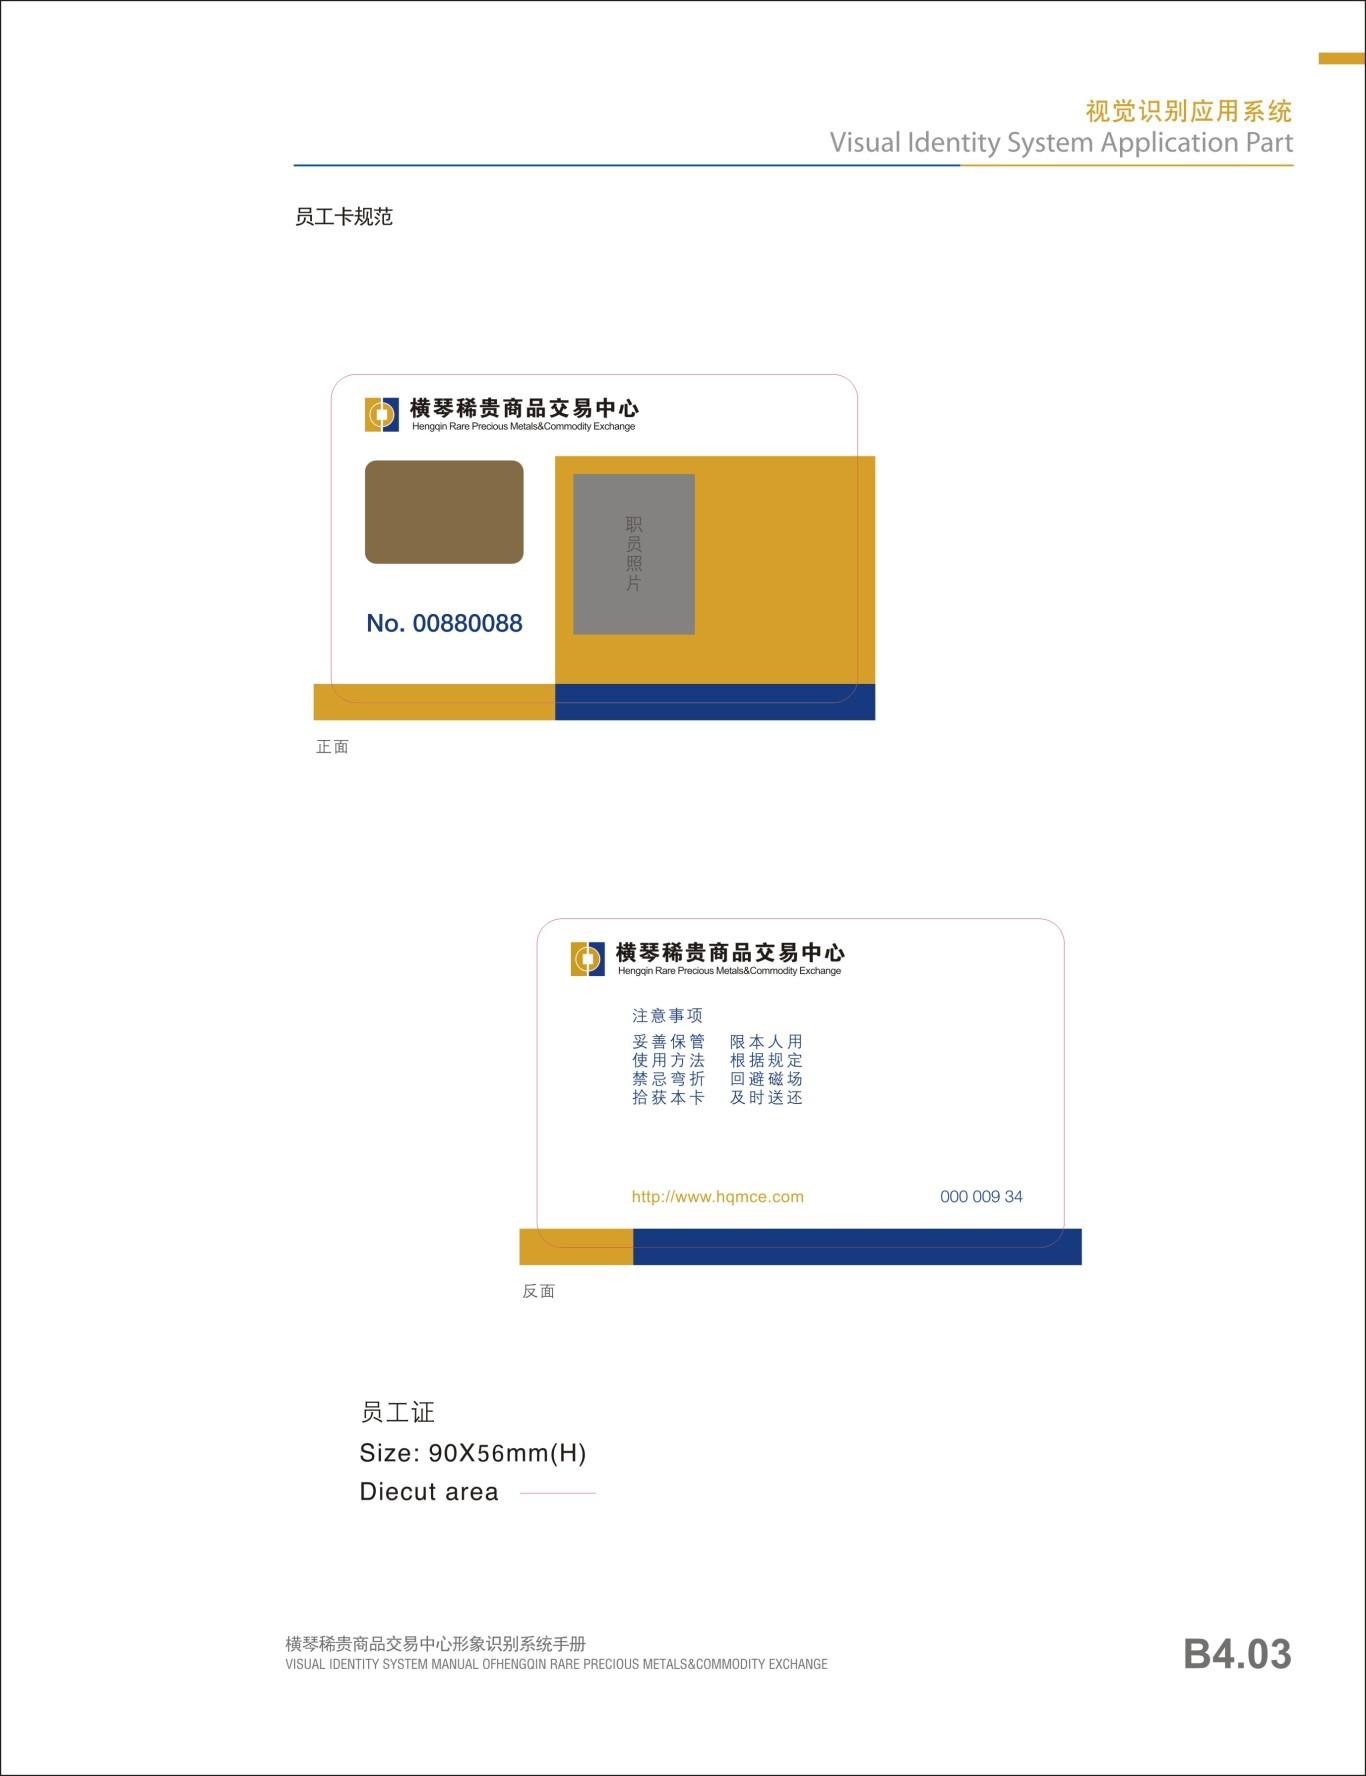 贵金属行业横琴稀贵VI手册设计图29